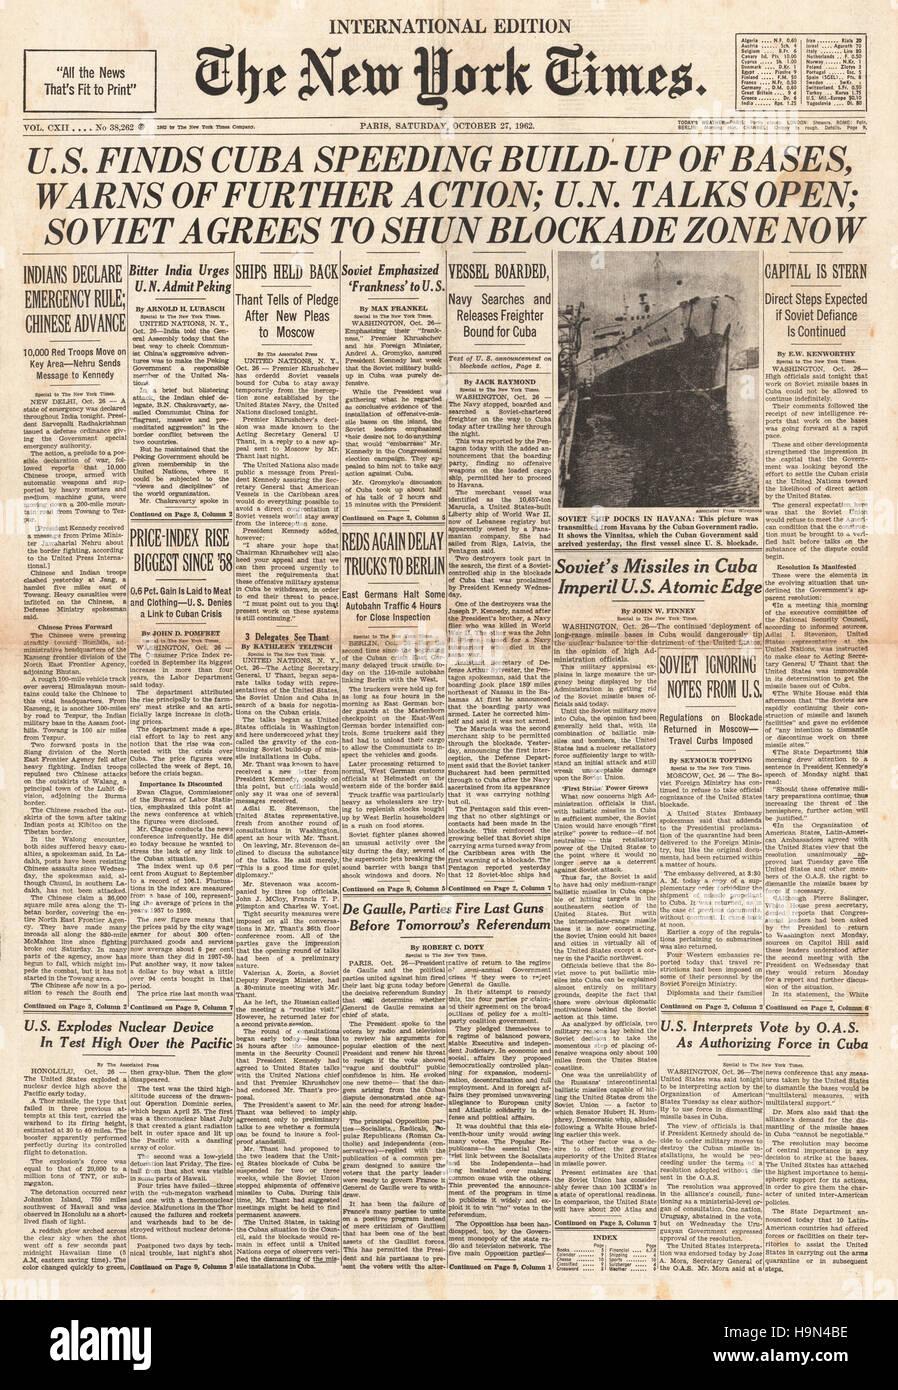 cuban missile crisis paper